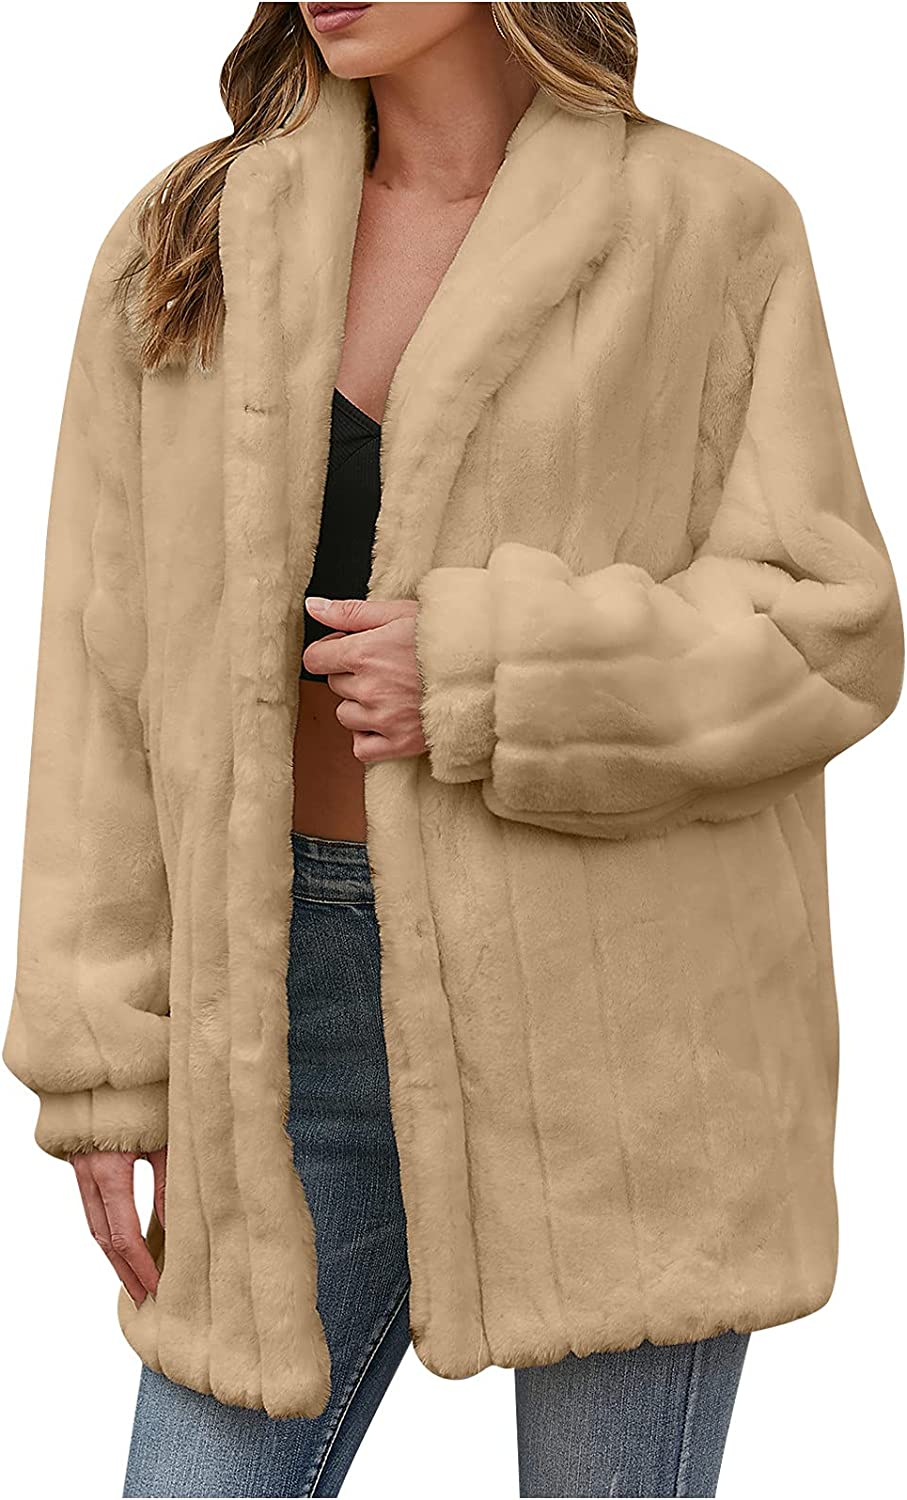 Aritone Women's Winter Warm Coats Faux Coat Warm Furry Faux Jacket Long Sleeve Outerwear